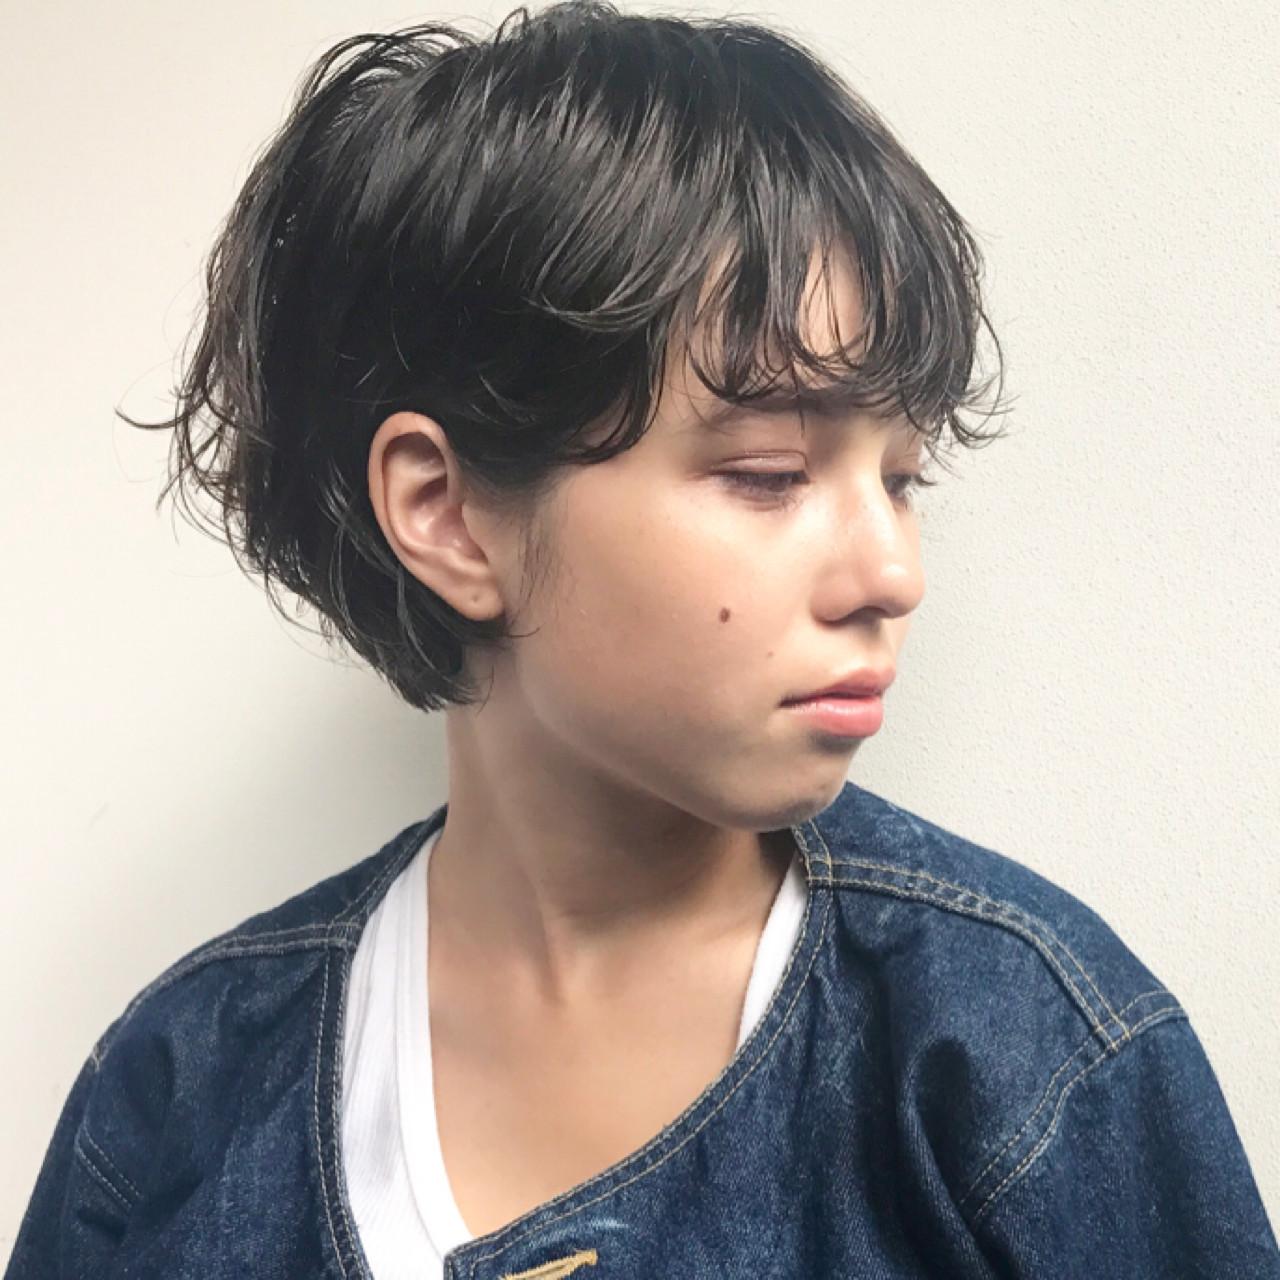 黒髪ショートボブのヘアカタログ♡前髪ありなしパーマまで徹底解説!の17枚目の画像